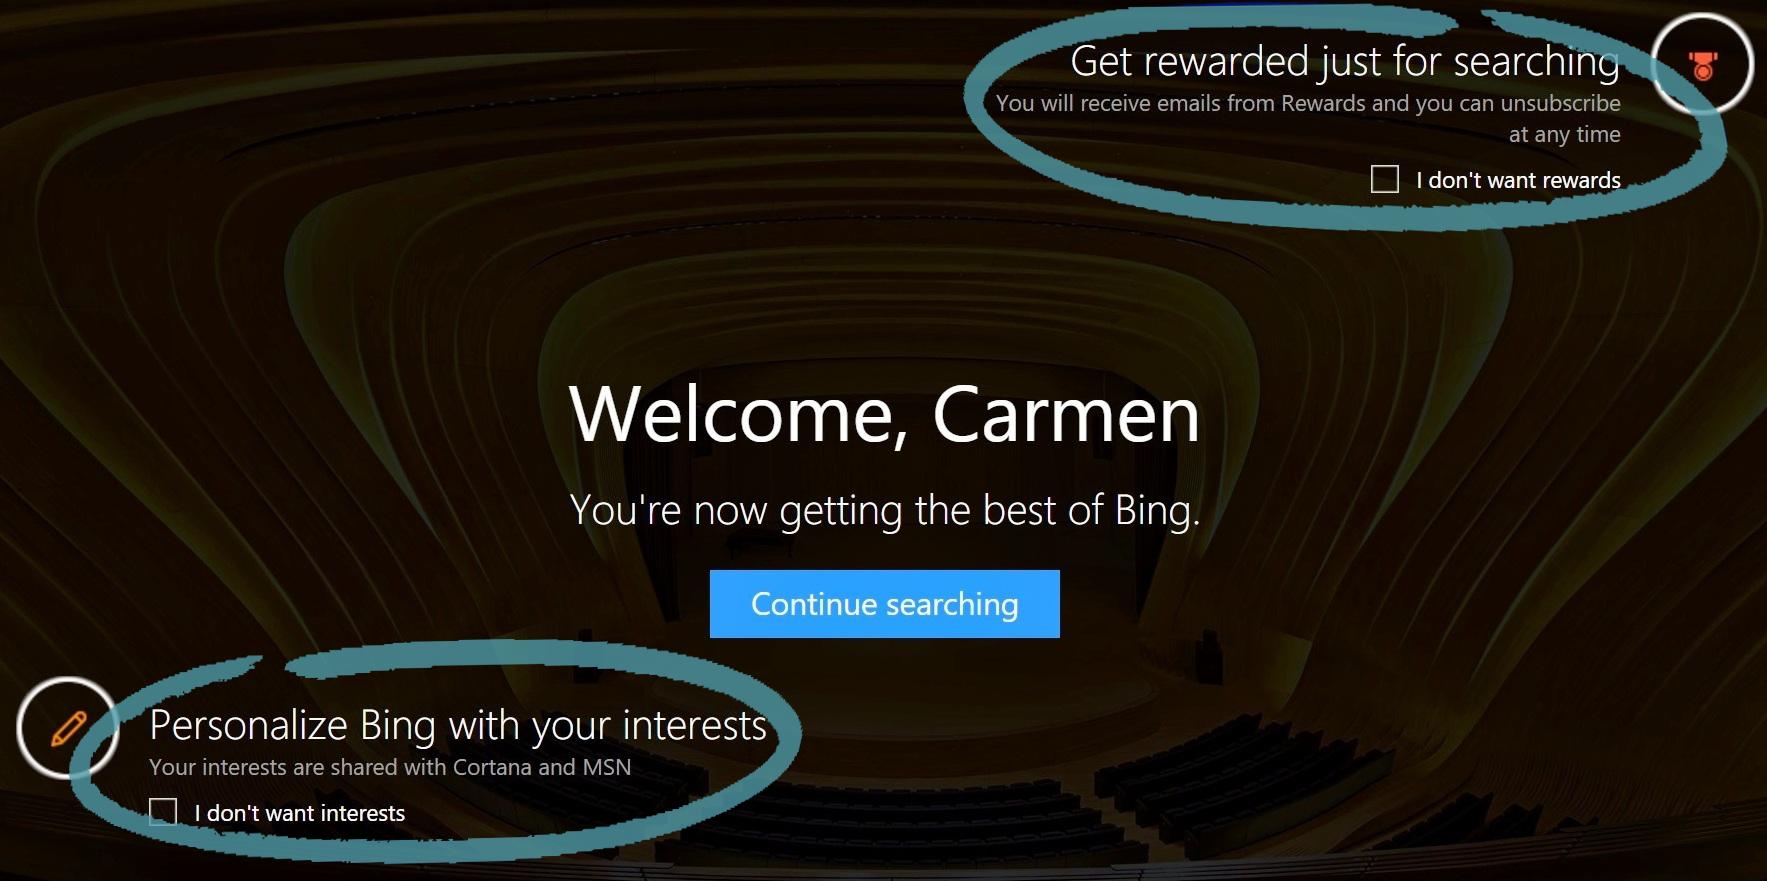 Startsidan för Bing, med möjlighet att anmäla sig till Rewards och intressen